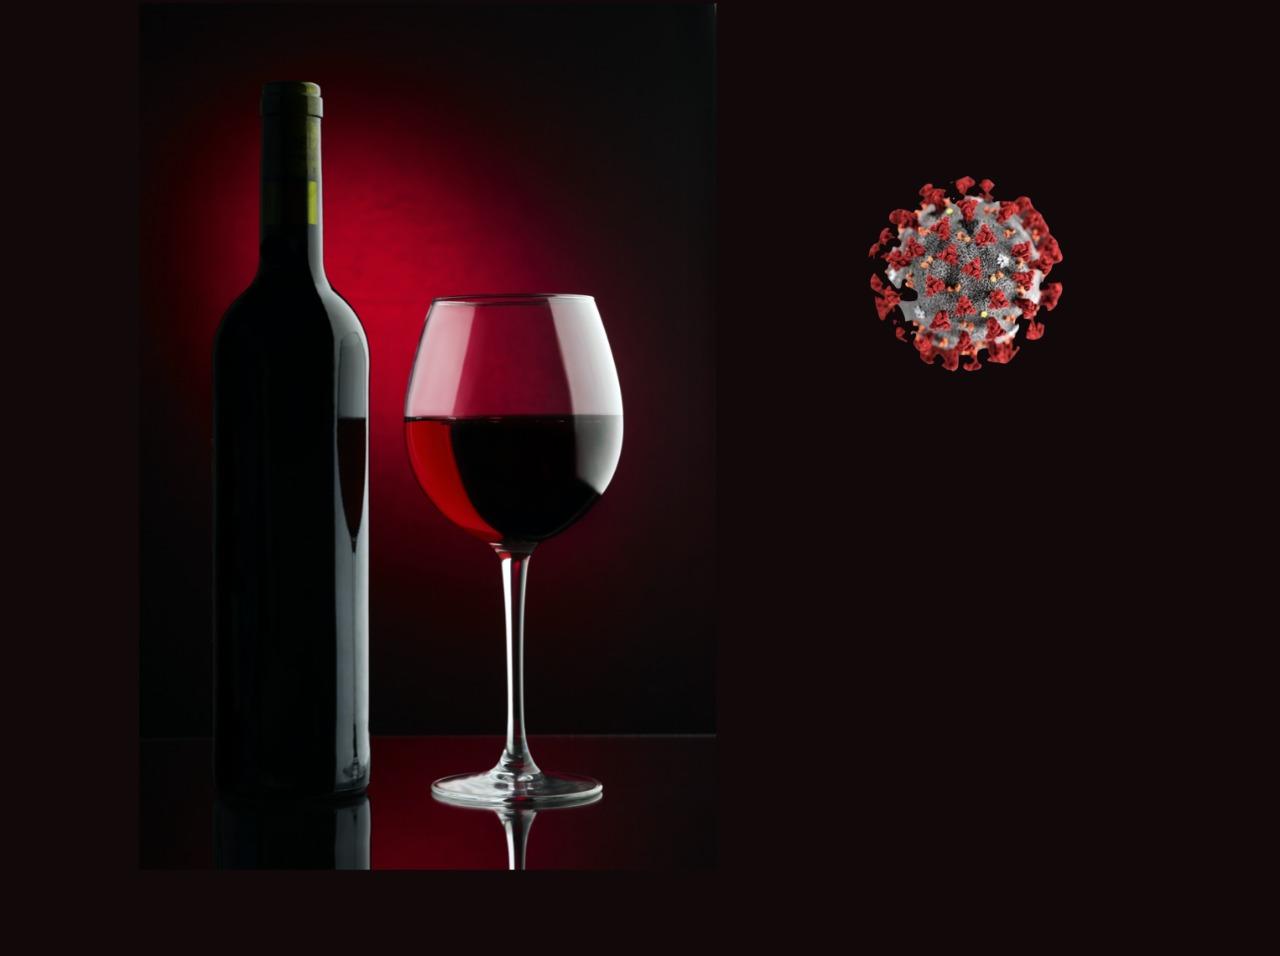 vinho-corona-virus